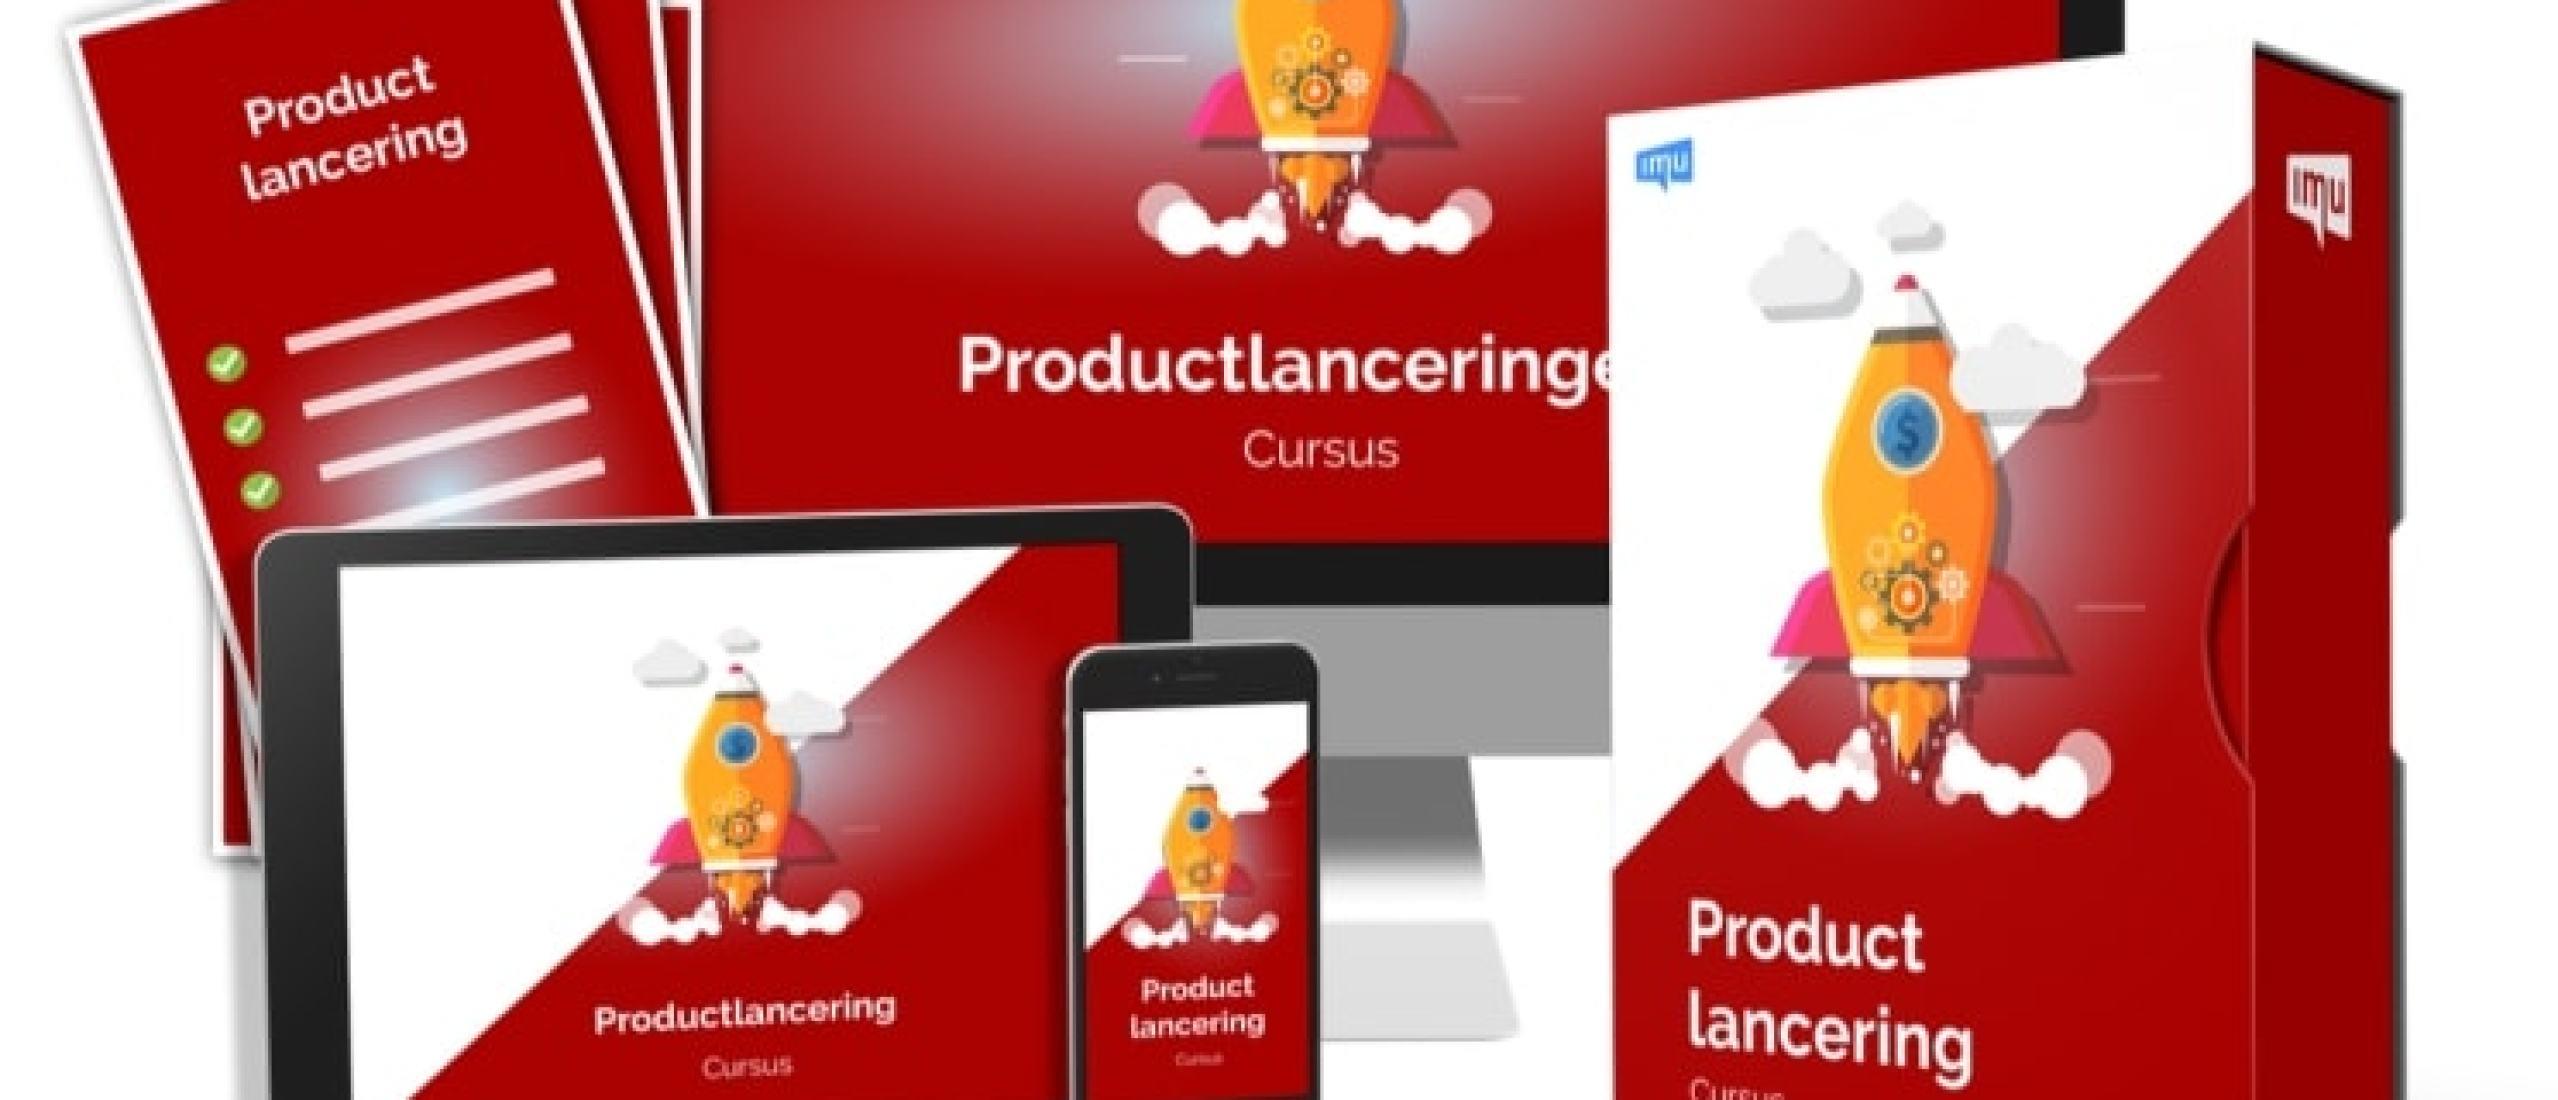 Review - #1 lancering van jouw product met de productlanceringen cursus?